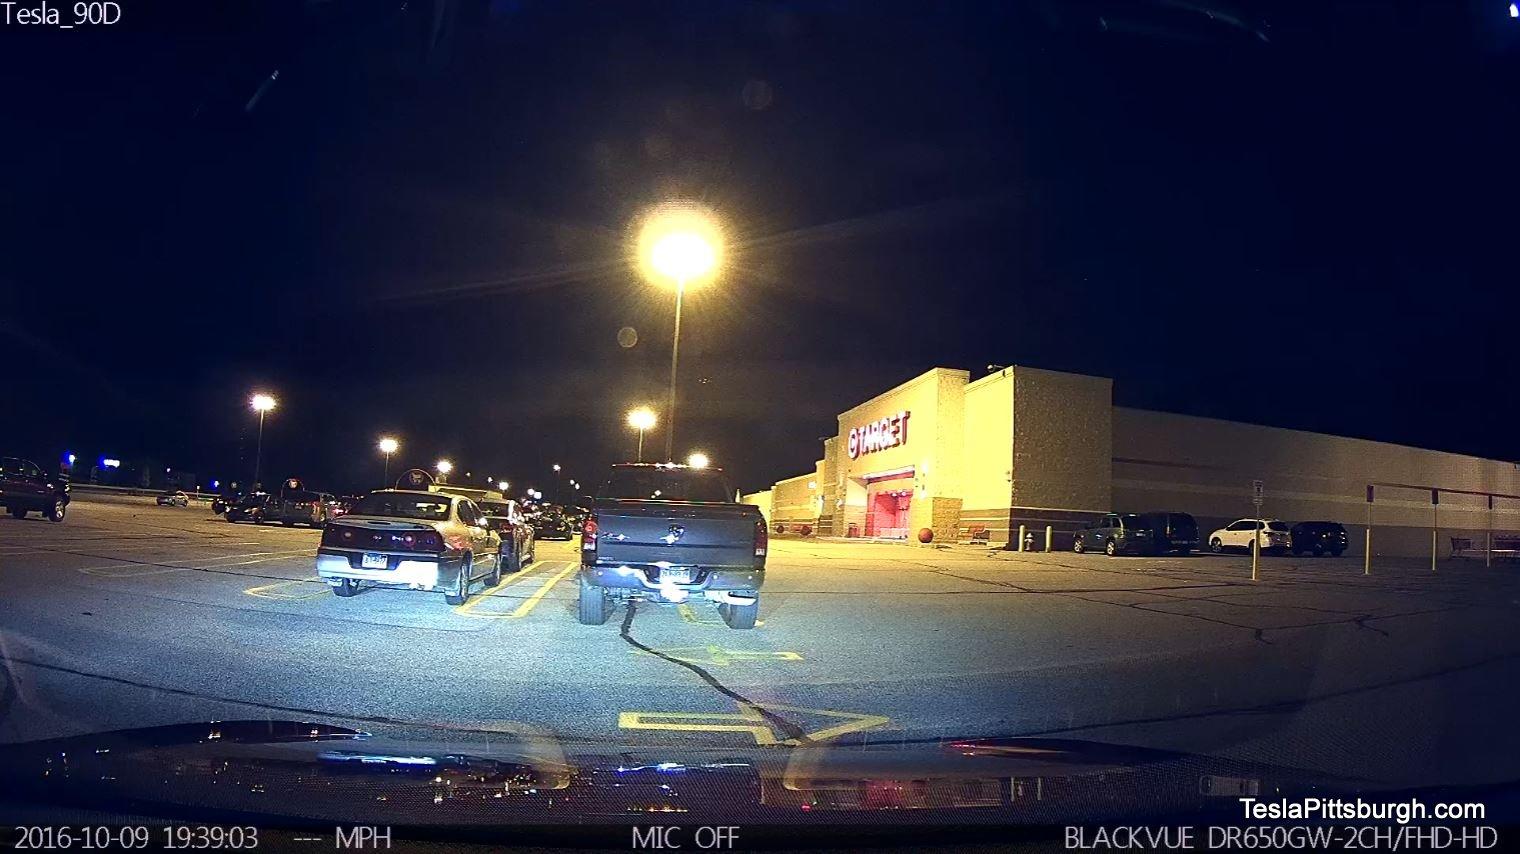 tesla-pittsburgh-dashcam-review-thinkware-f770-camera-night-target-blackvue